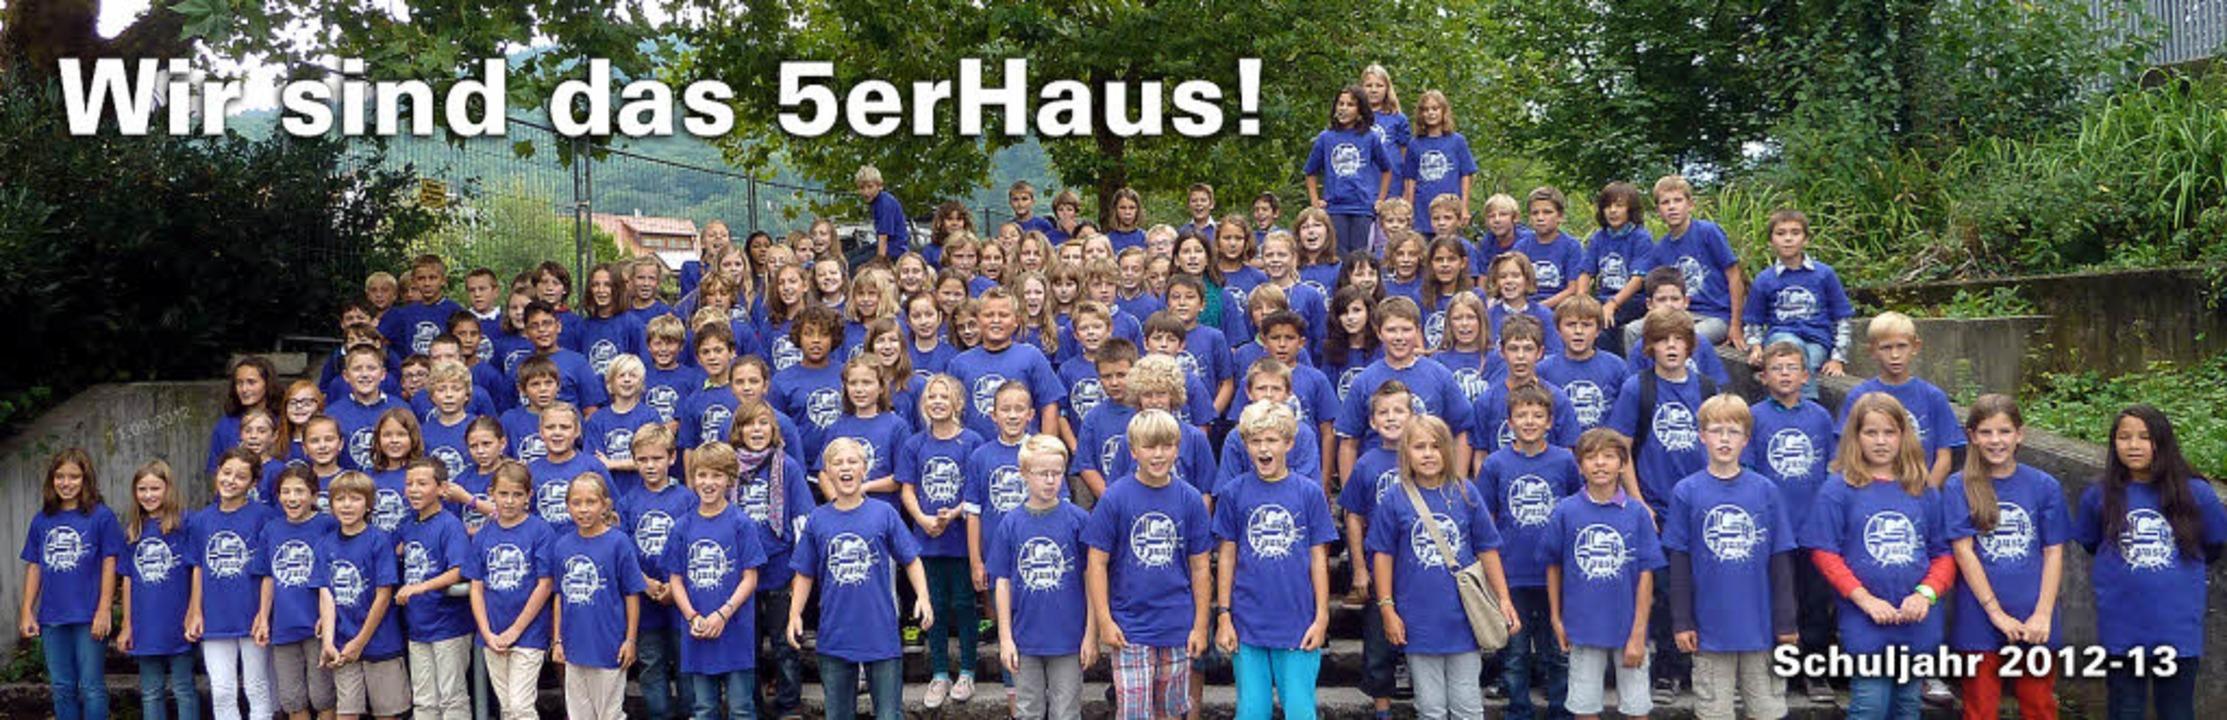 Sie alle profitieren von den Betreuungskonzepten am Faust-Gymnasium.    Foto: Privat